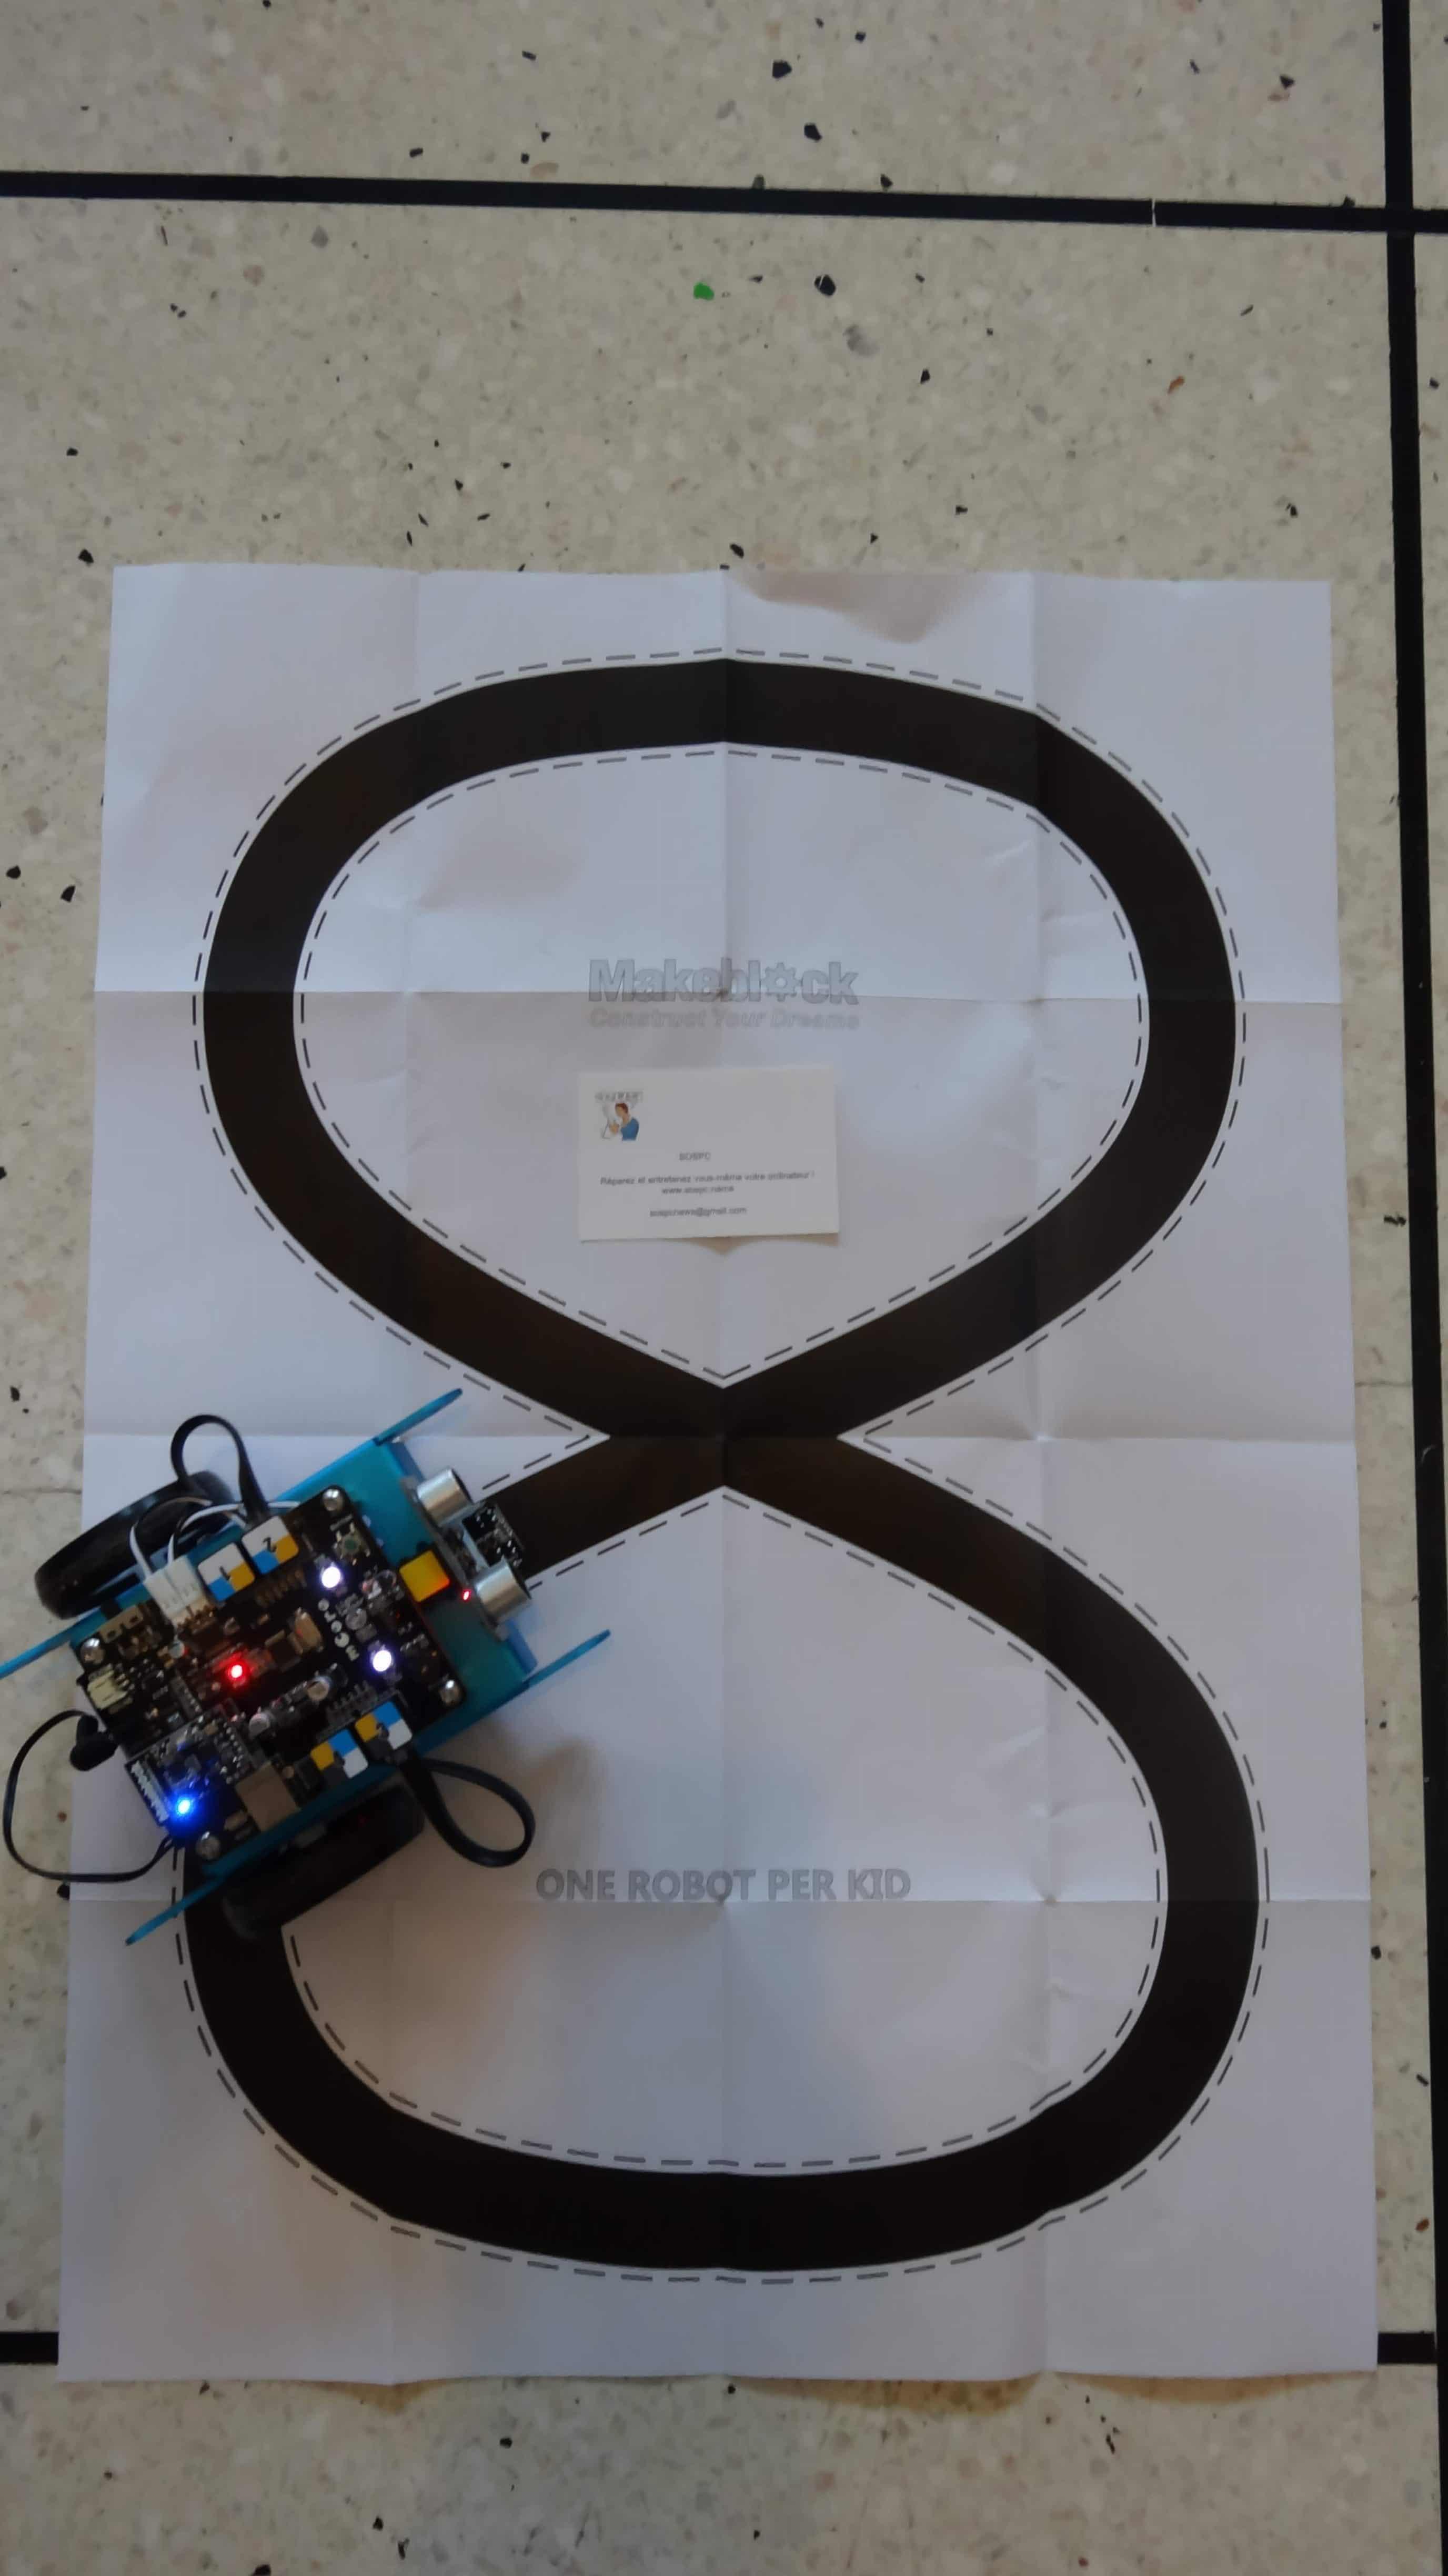 mbot-blue-un-robot-educatif-et-programmable-en-version-2-4-g-tres-interessant-legaragedupc-fr-47